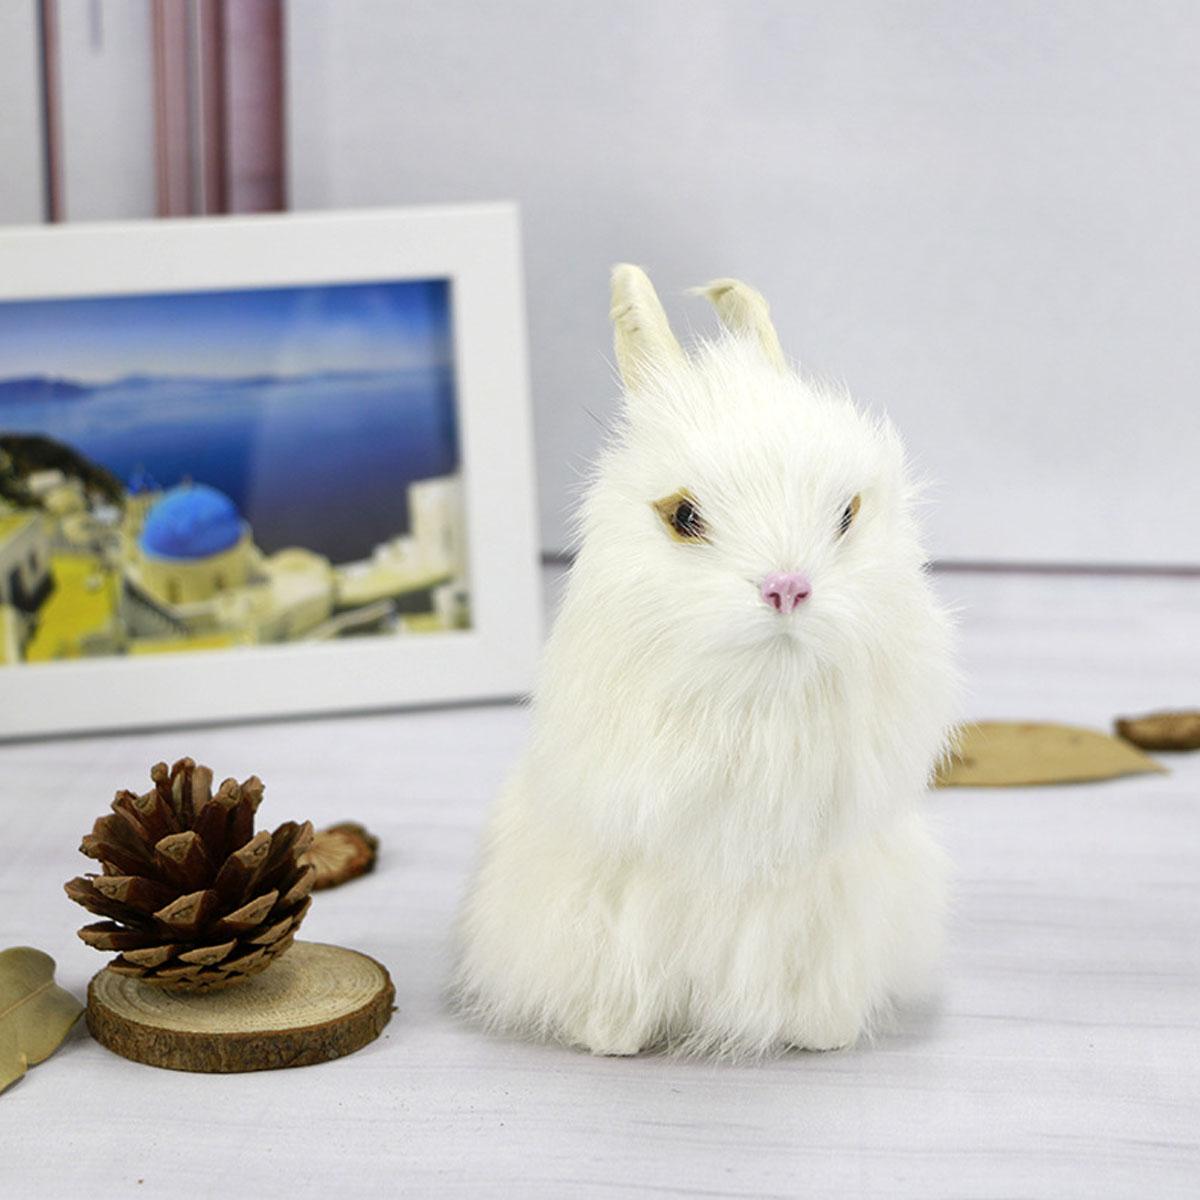 Серые / Желтые / Коричневые / Белые Кролики Пасхальные Кролики Ручной Работы Украшения Дома Настольный Орнамент